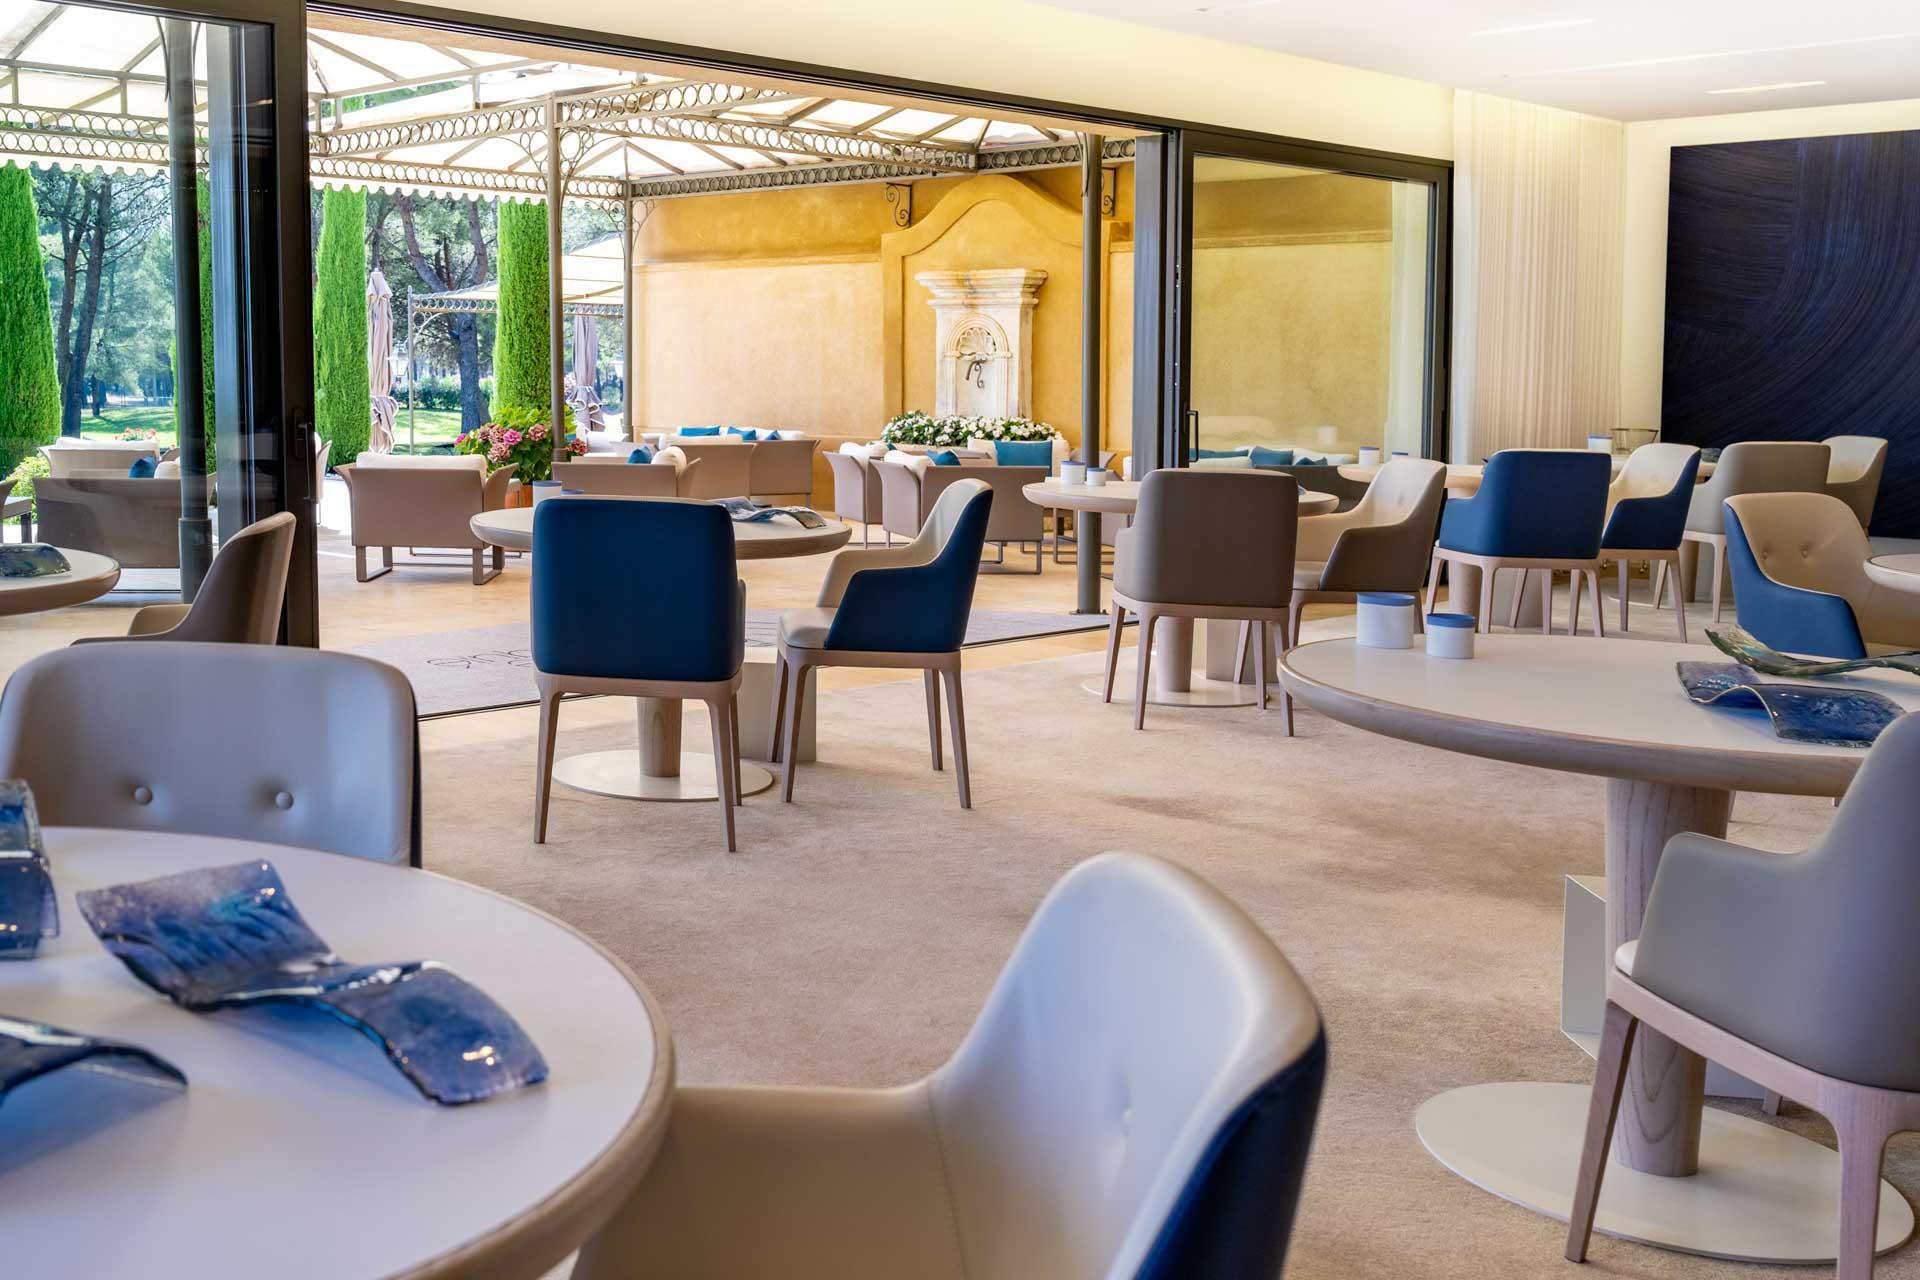 Restaurant Christophe Bacquié © LiveandShoott